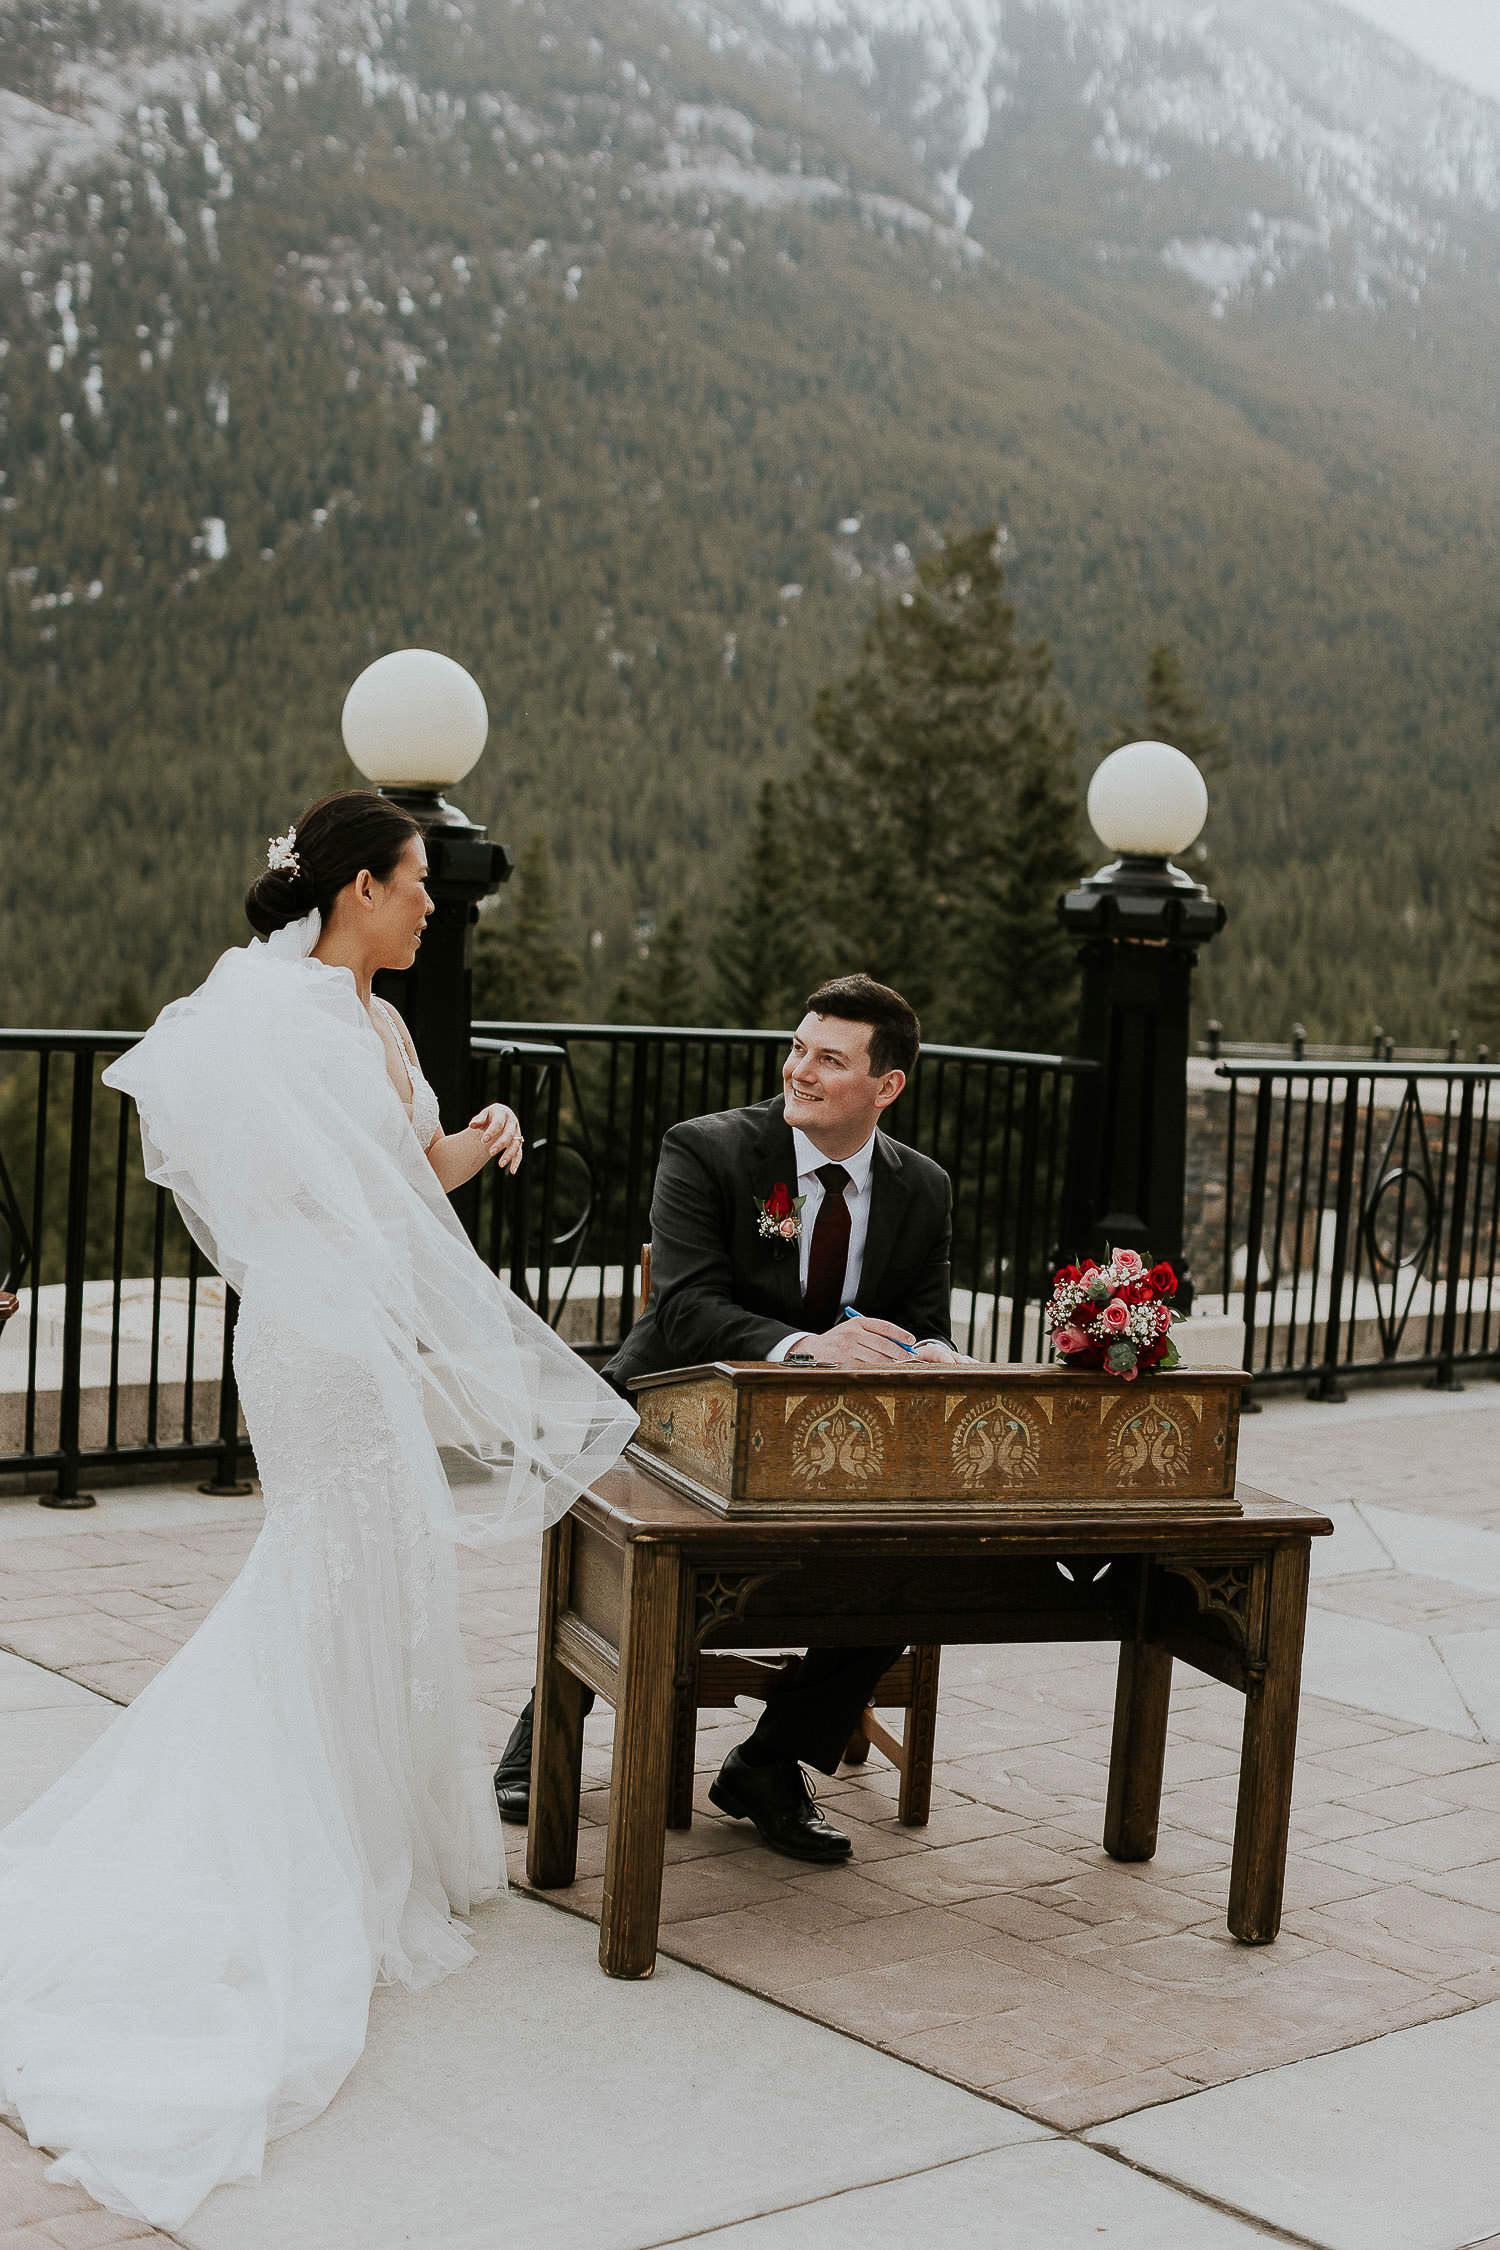 intimate-wedding-at-banff-springs-hotel-sarah-pukin-0110